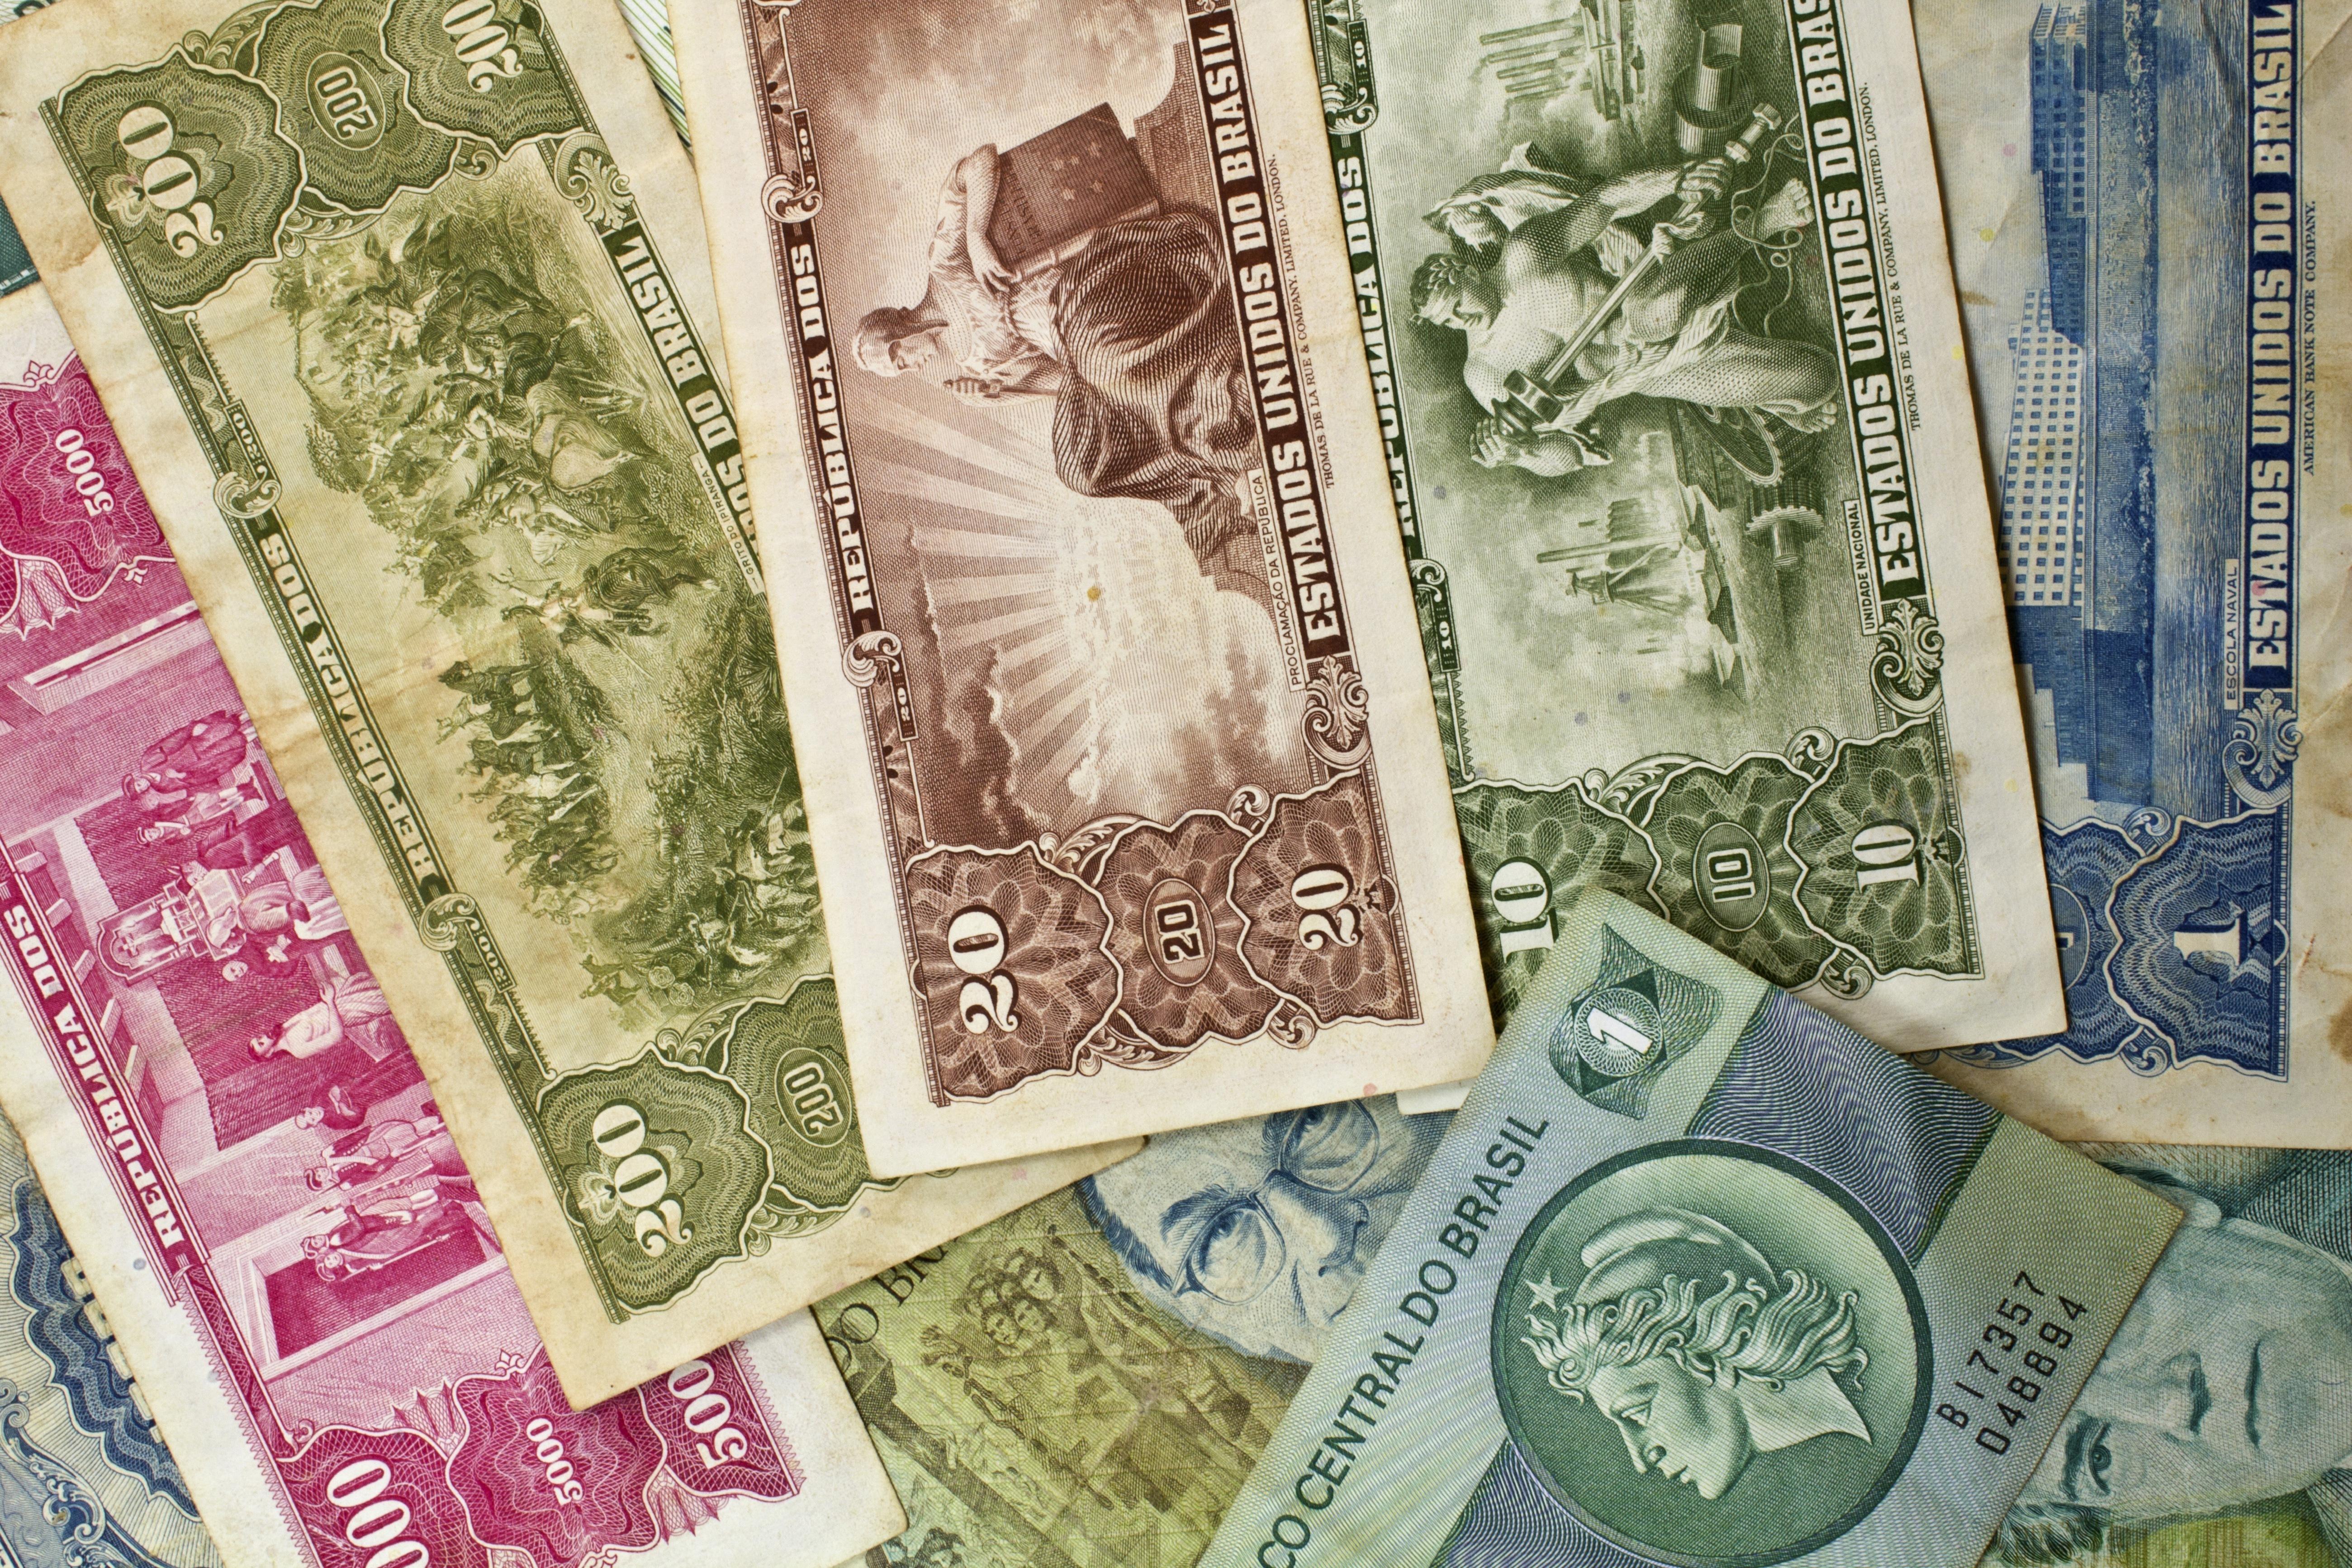 деньги картинки деньги картинки деньги